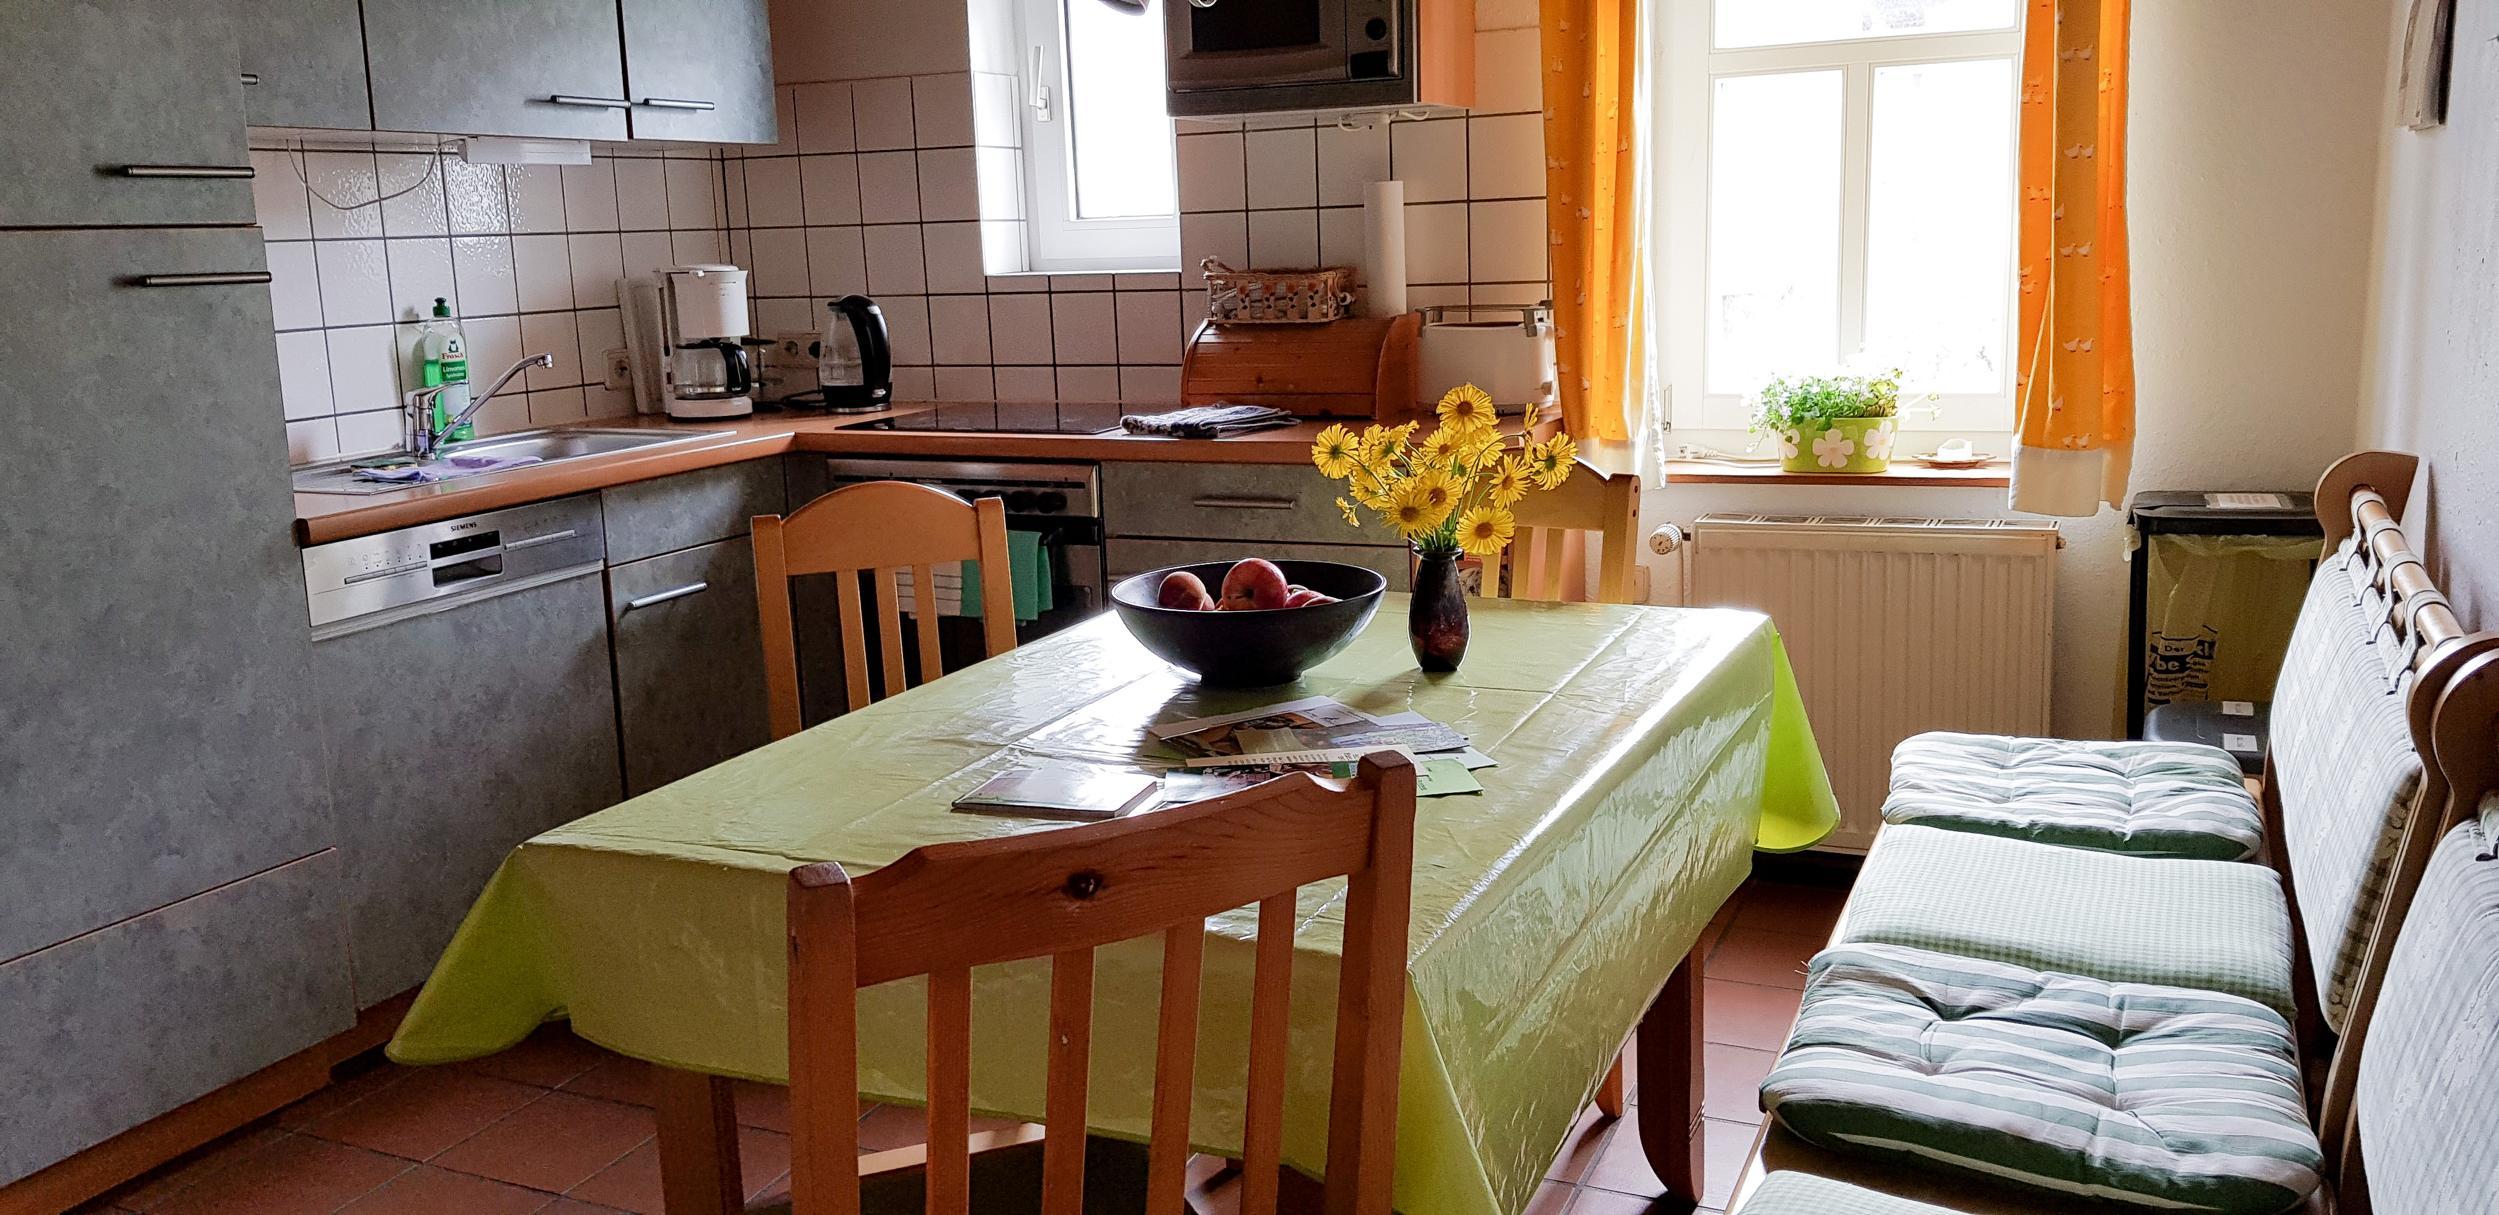 Ferienwohnung Trollblume in Hohegeiß - Küche